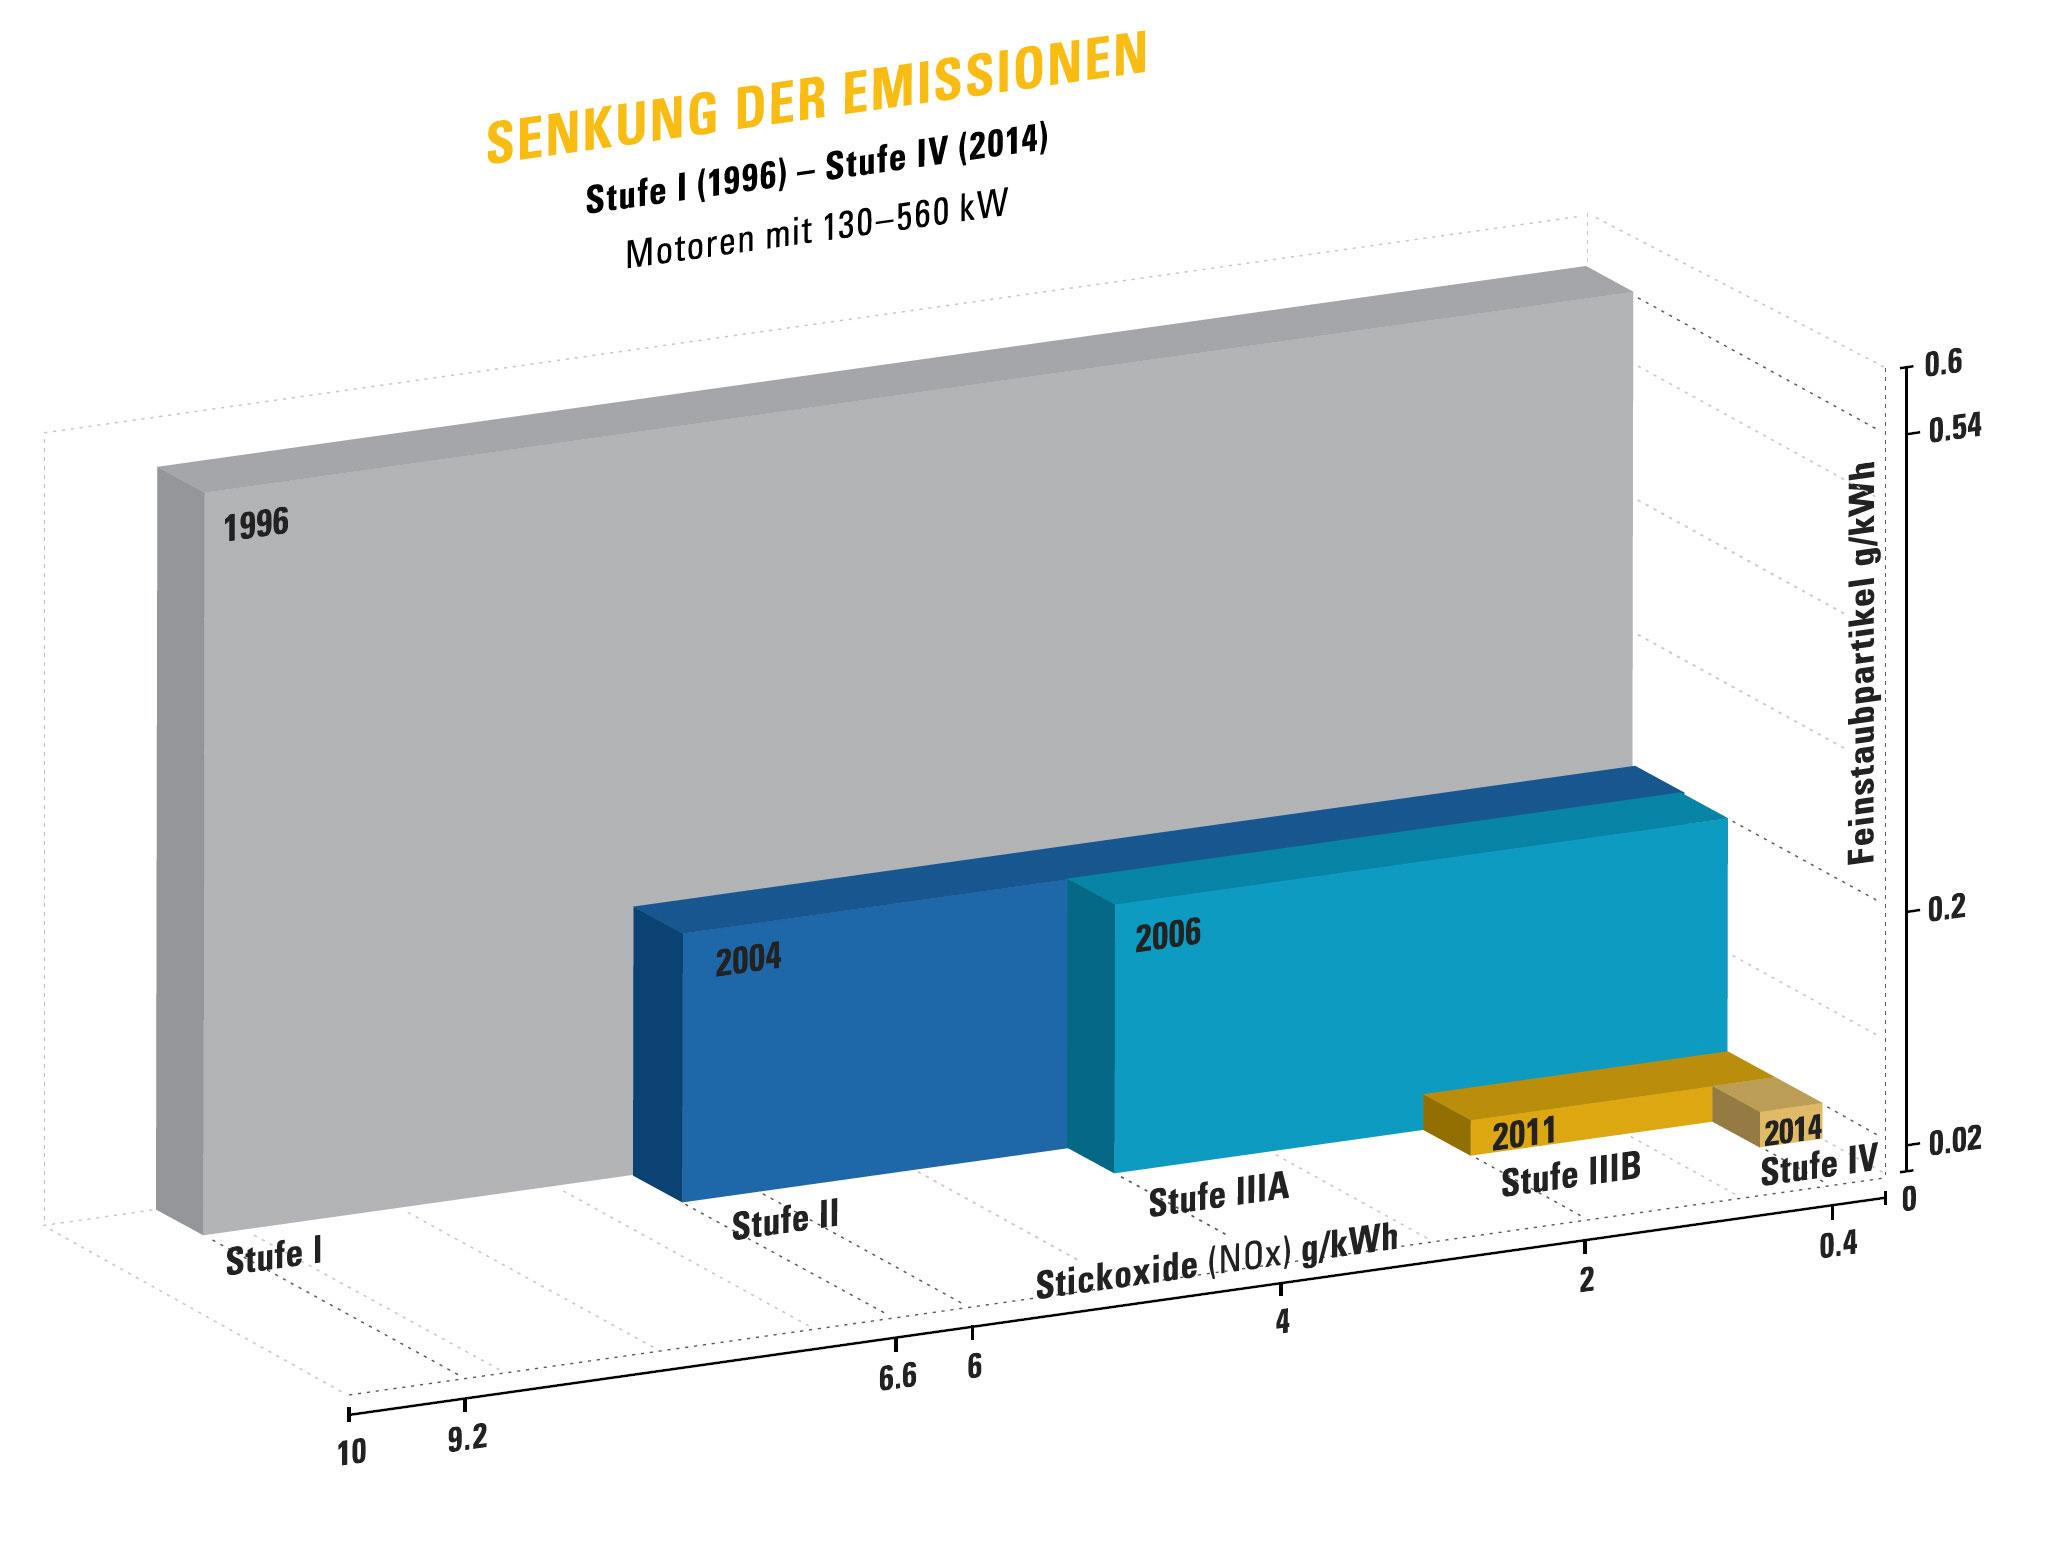 Verschwindend klein sind die im Abgas verbleibenden Schadstoffreste (horizontale Achse: Stickoxide NOx; vertikale Achse: Feinstaubpartikel). Was in den 20 Jahren seit 1996 für die Abgasreinigung erreicht wurde, ist enorm. Foto: Zeppelin